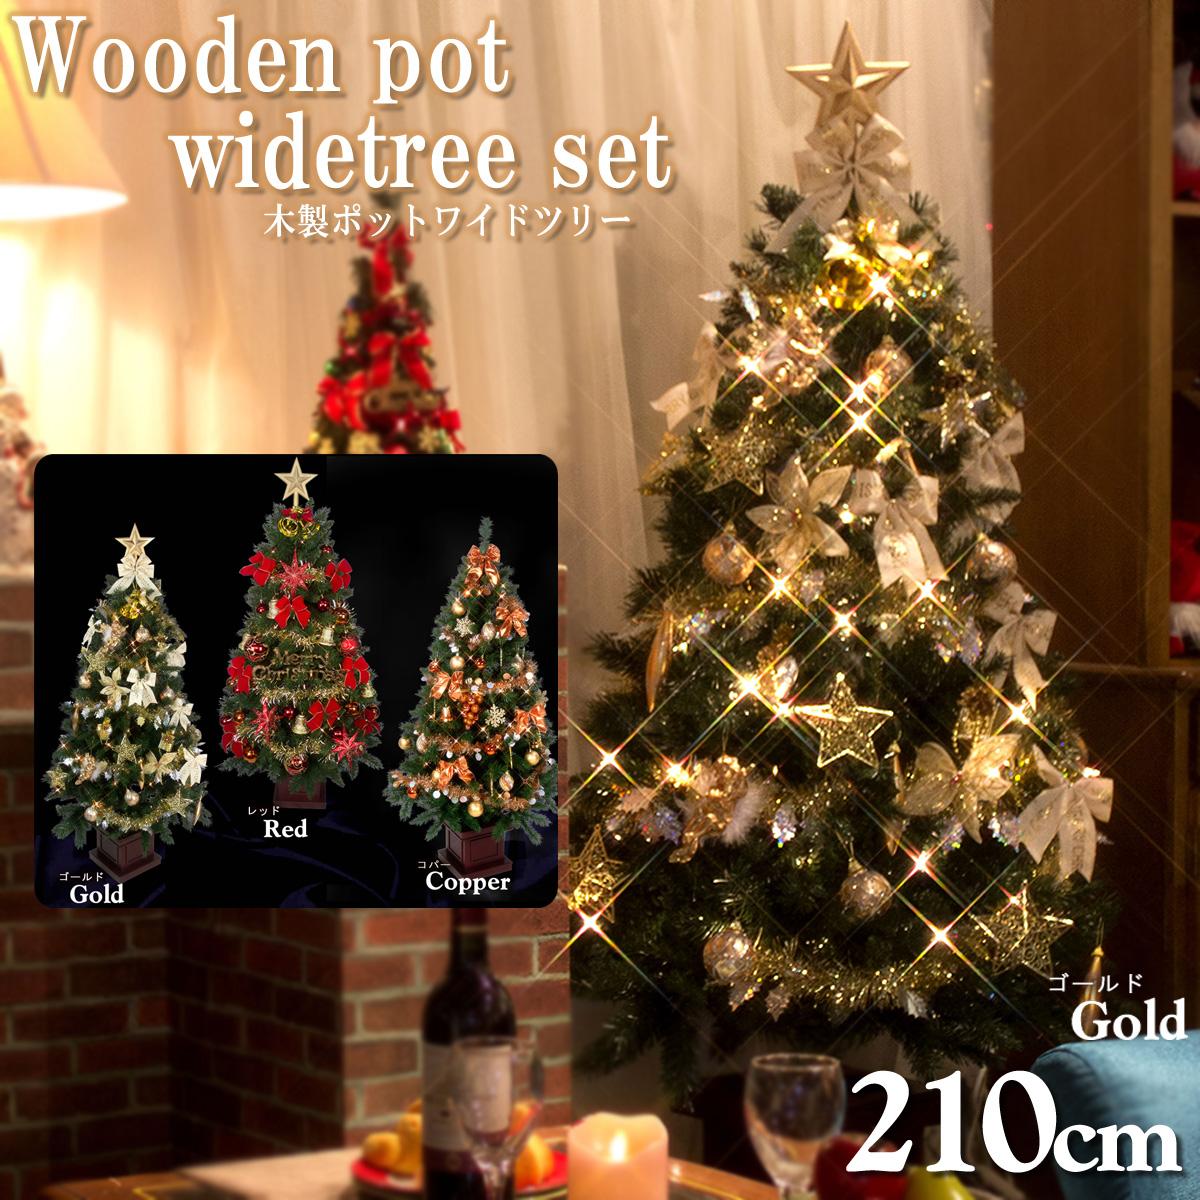 クリスマスツリーセット 210cm タイプは3色有り 木製ポット ワイドツリー LEDライト付 オーナメントセット付き 【S】ポットツリー